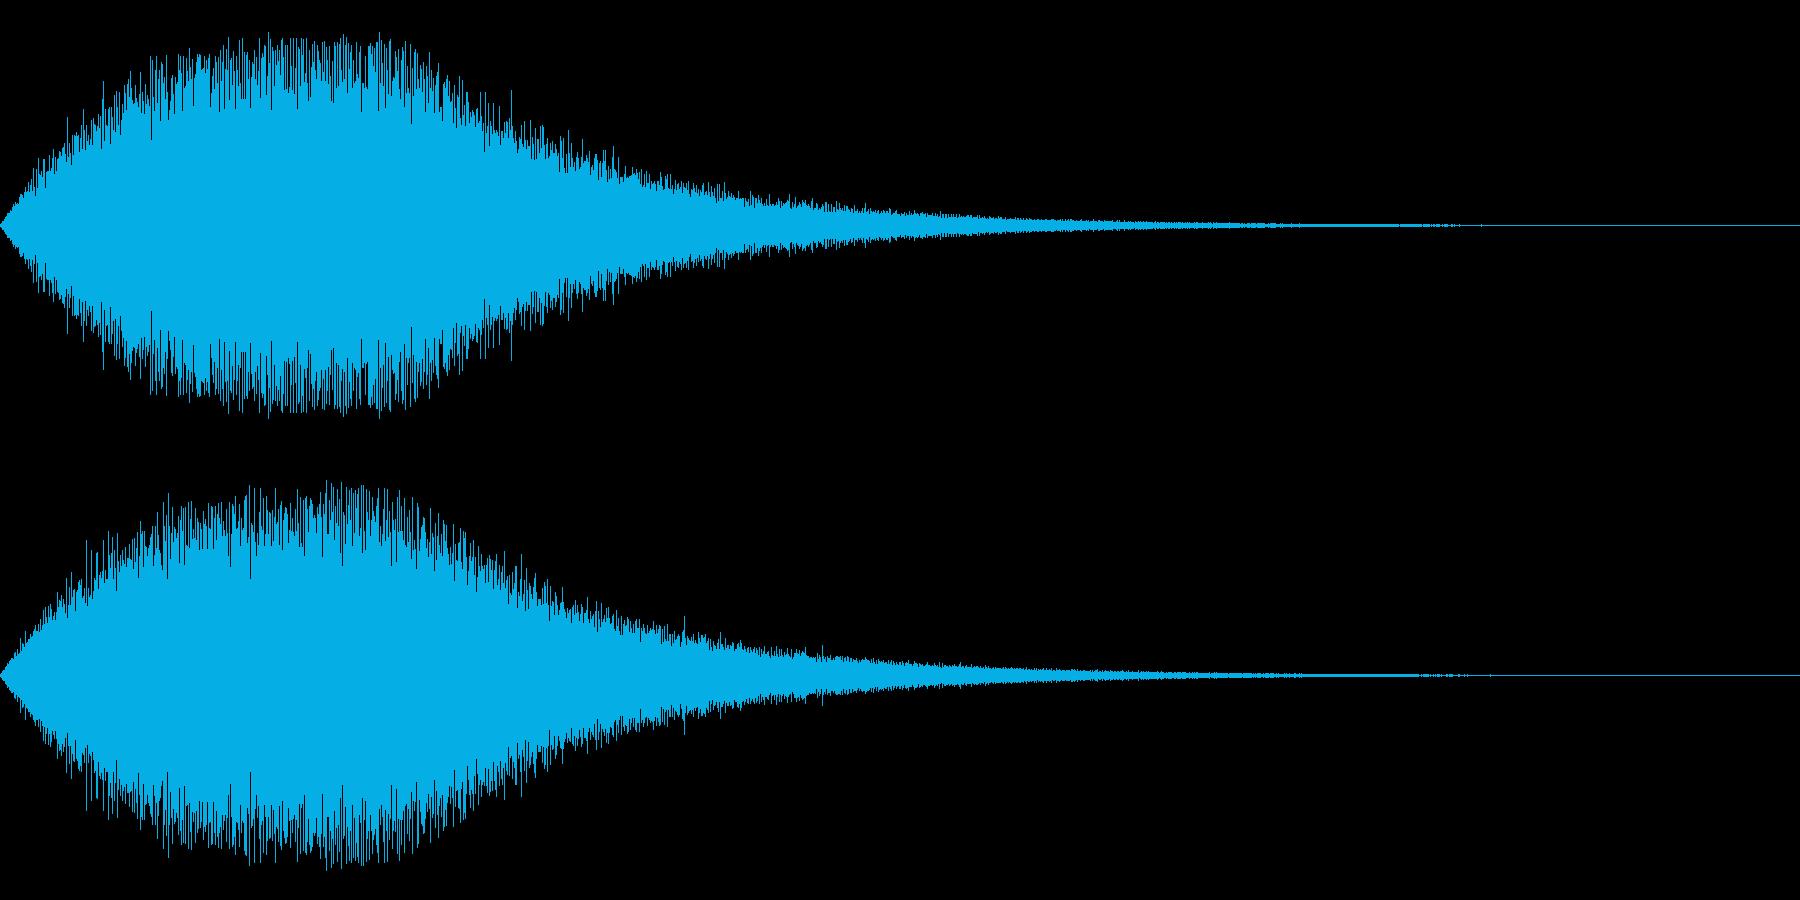 フゥゥワァーーーーンの再生済みの波形